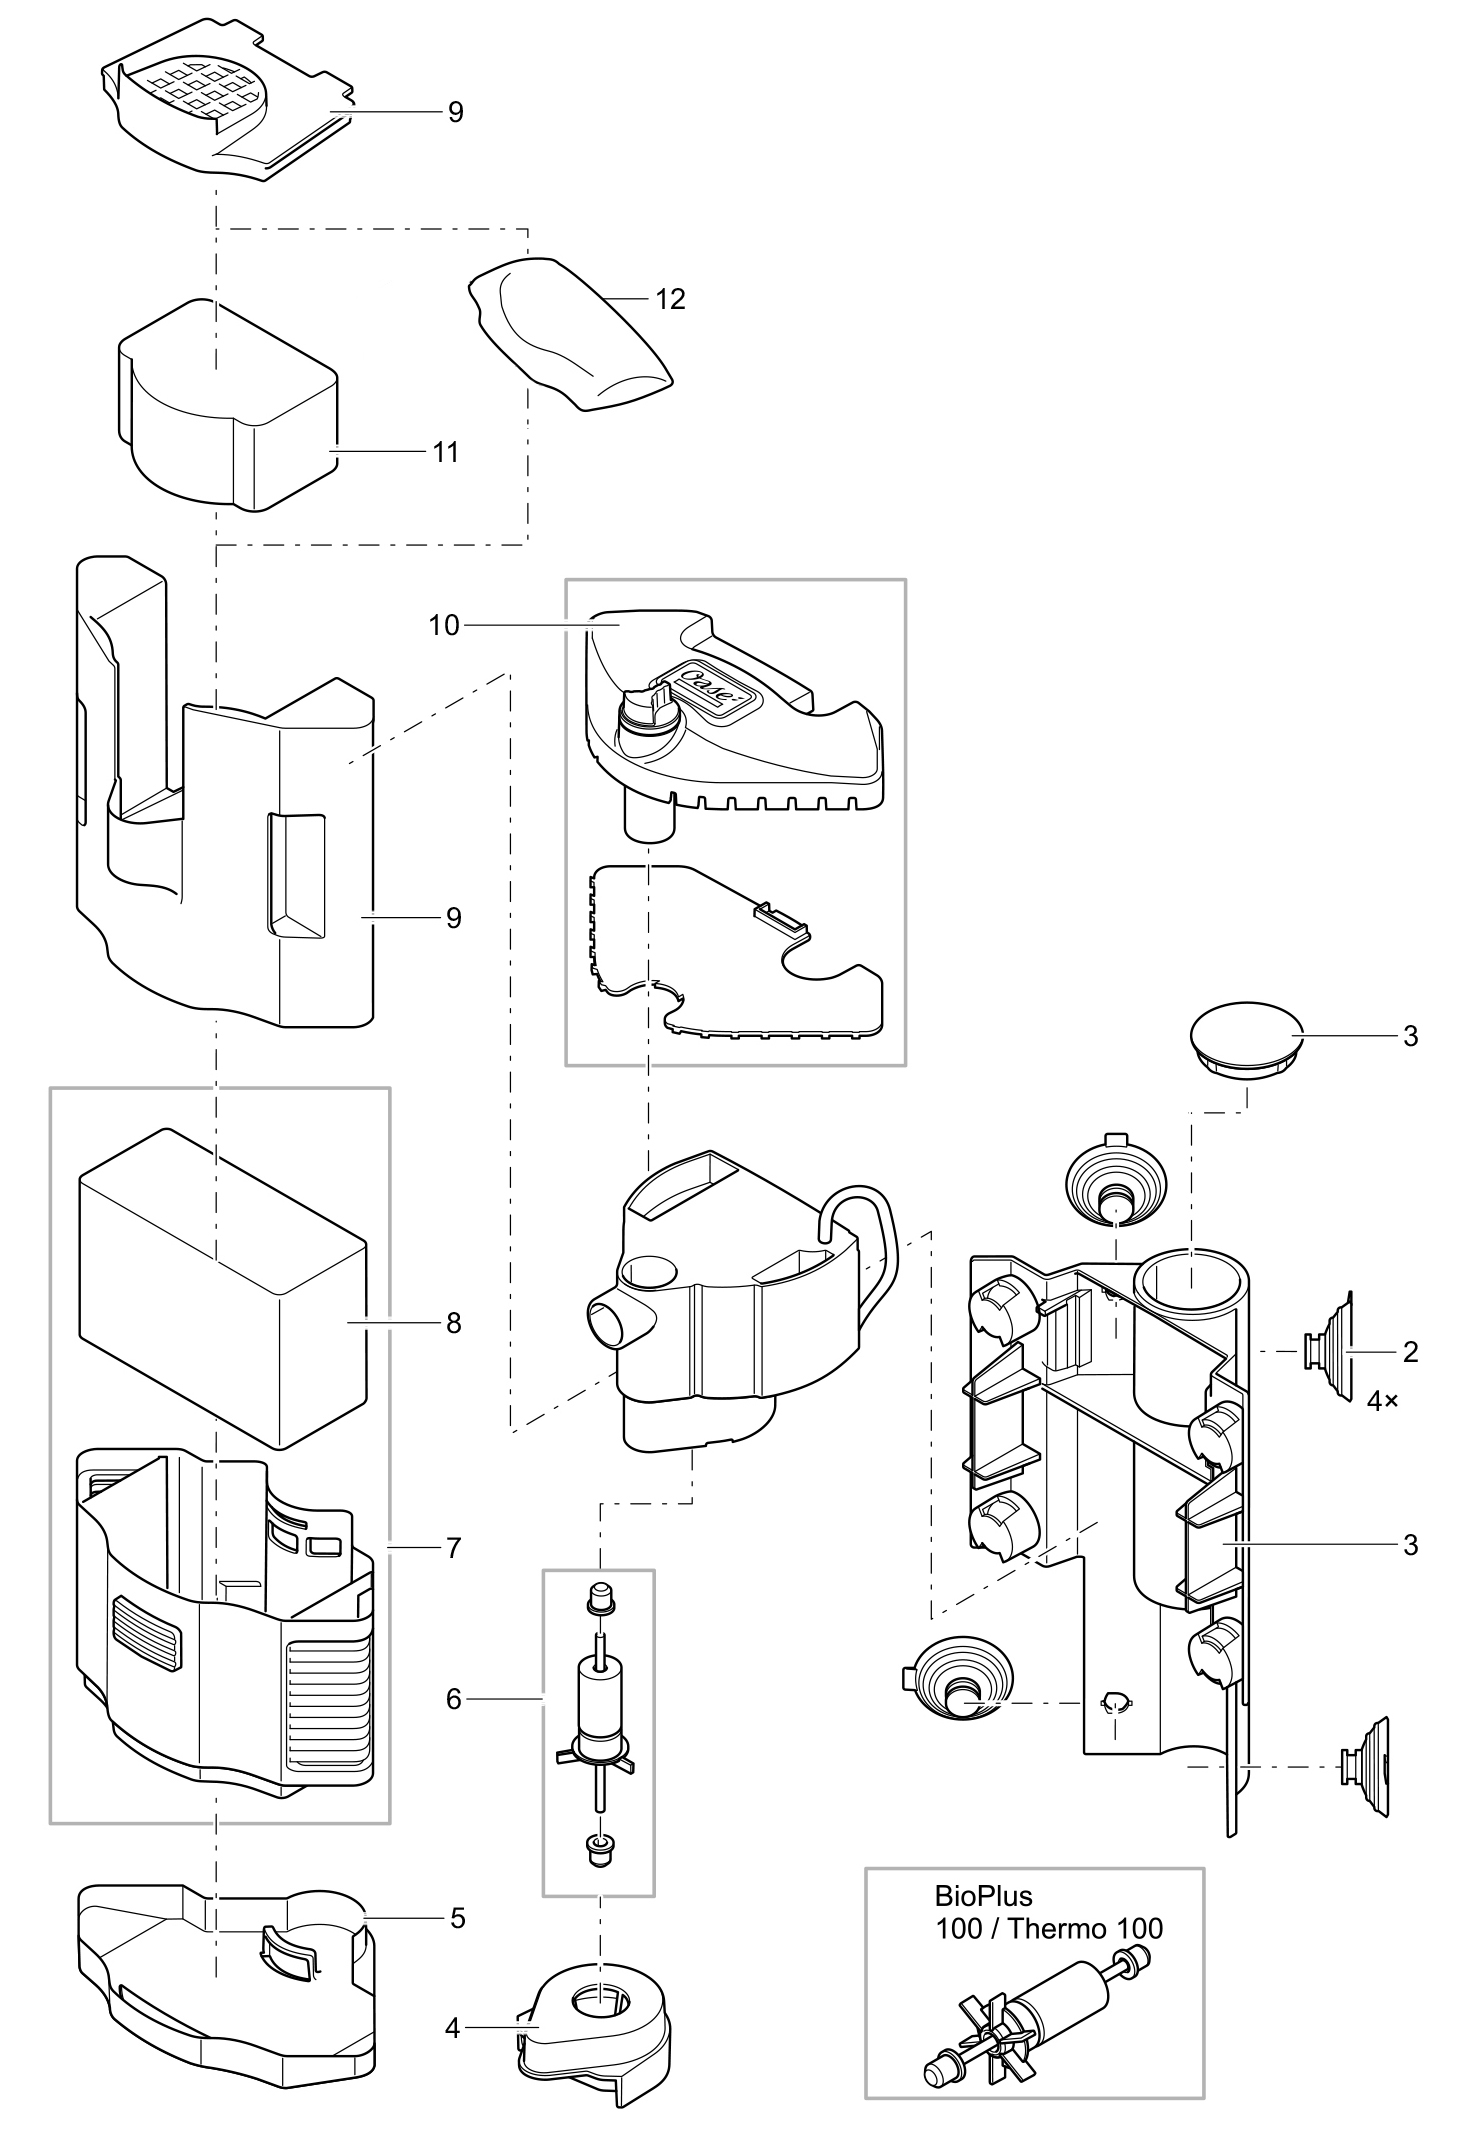 BioPlus 100.jpg